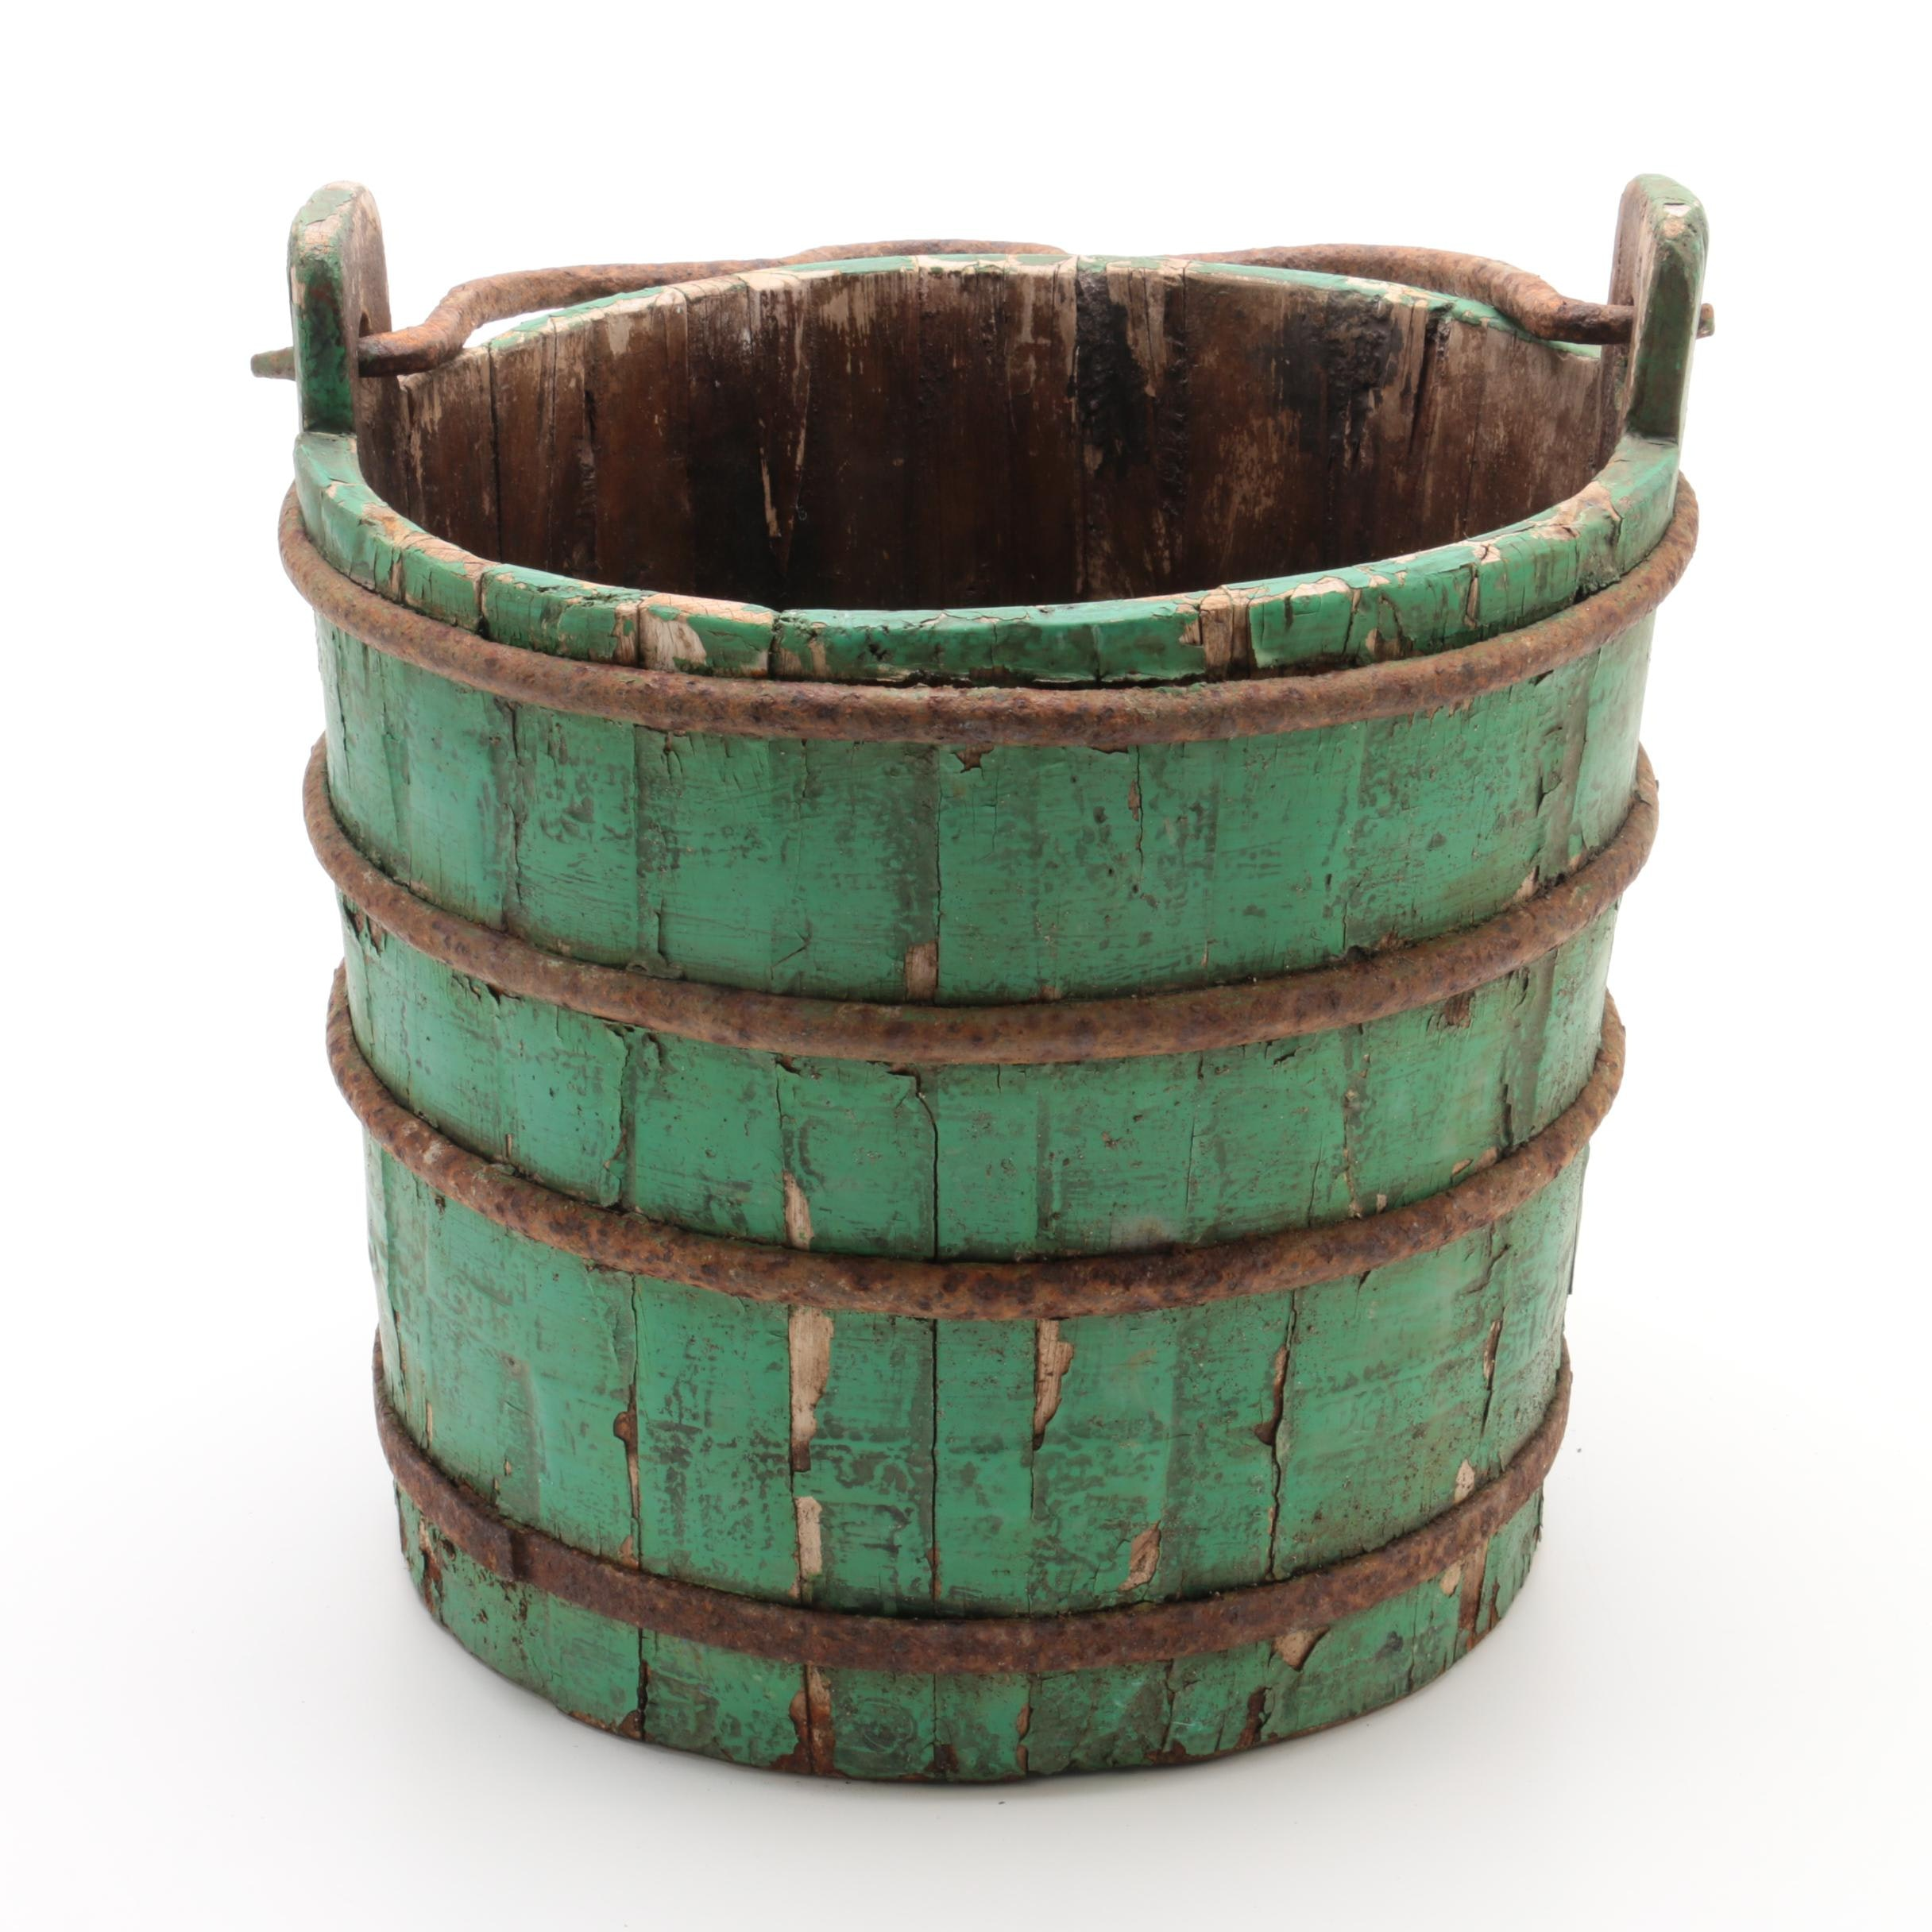 Semi-Antique Wooden Water Well Bucket